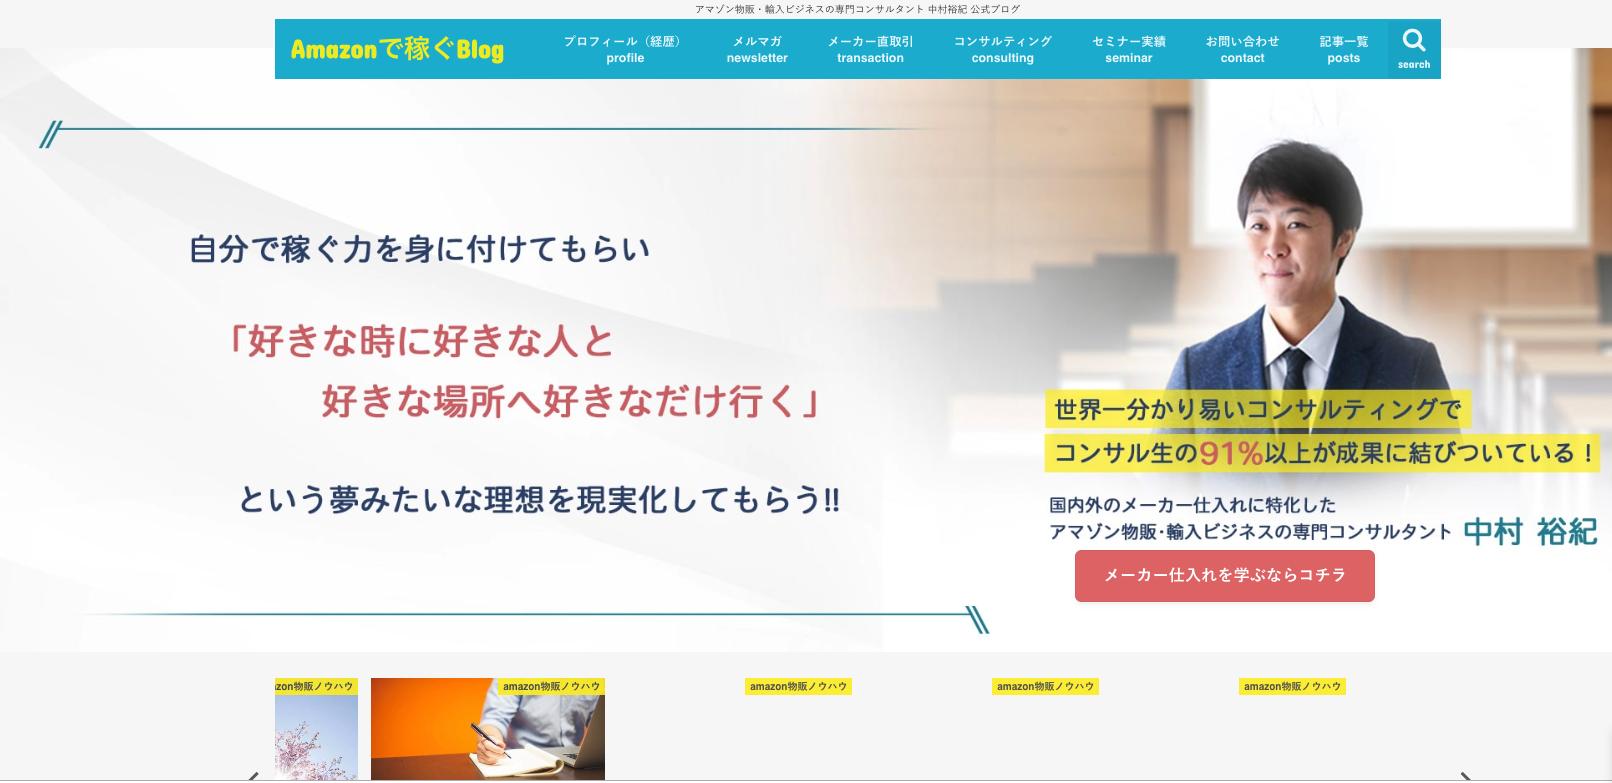 中村裕紀さんのコンサルの評判「Amazonメーカー仕入れ」実践すれば成功率90%超